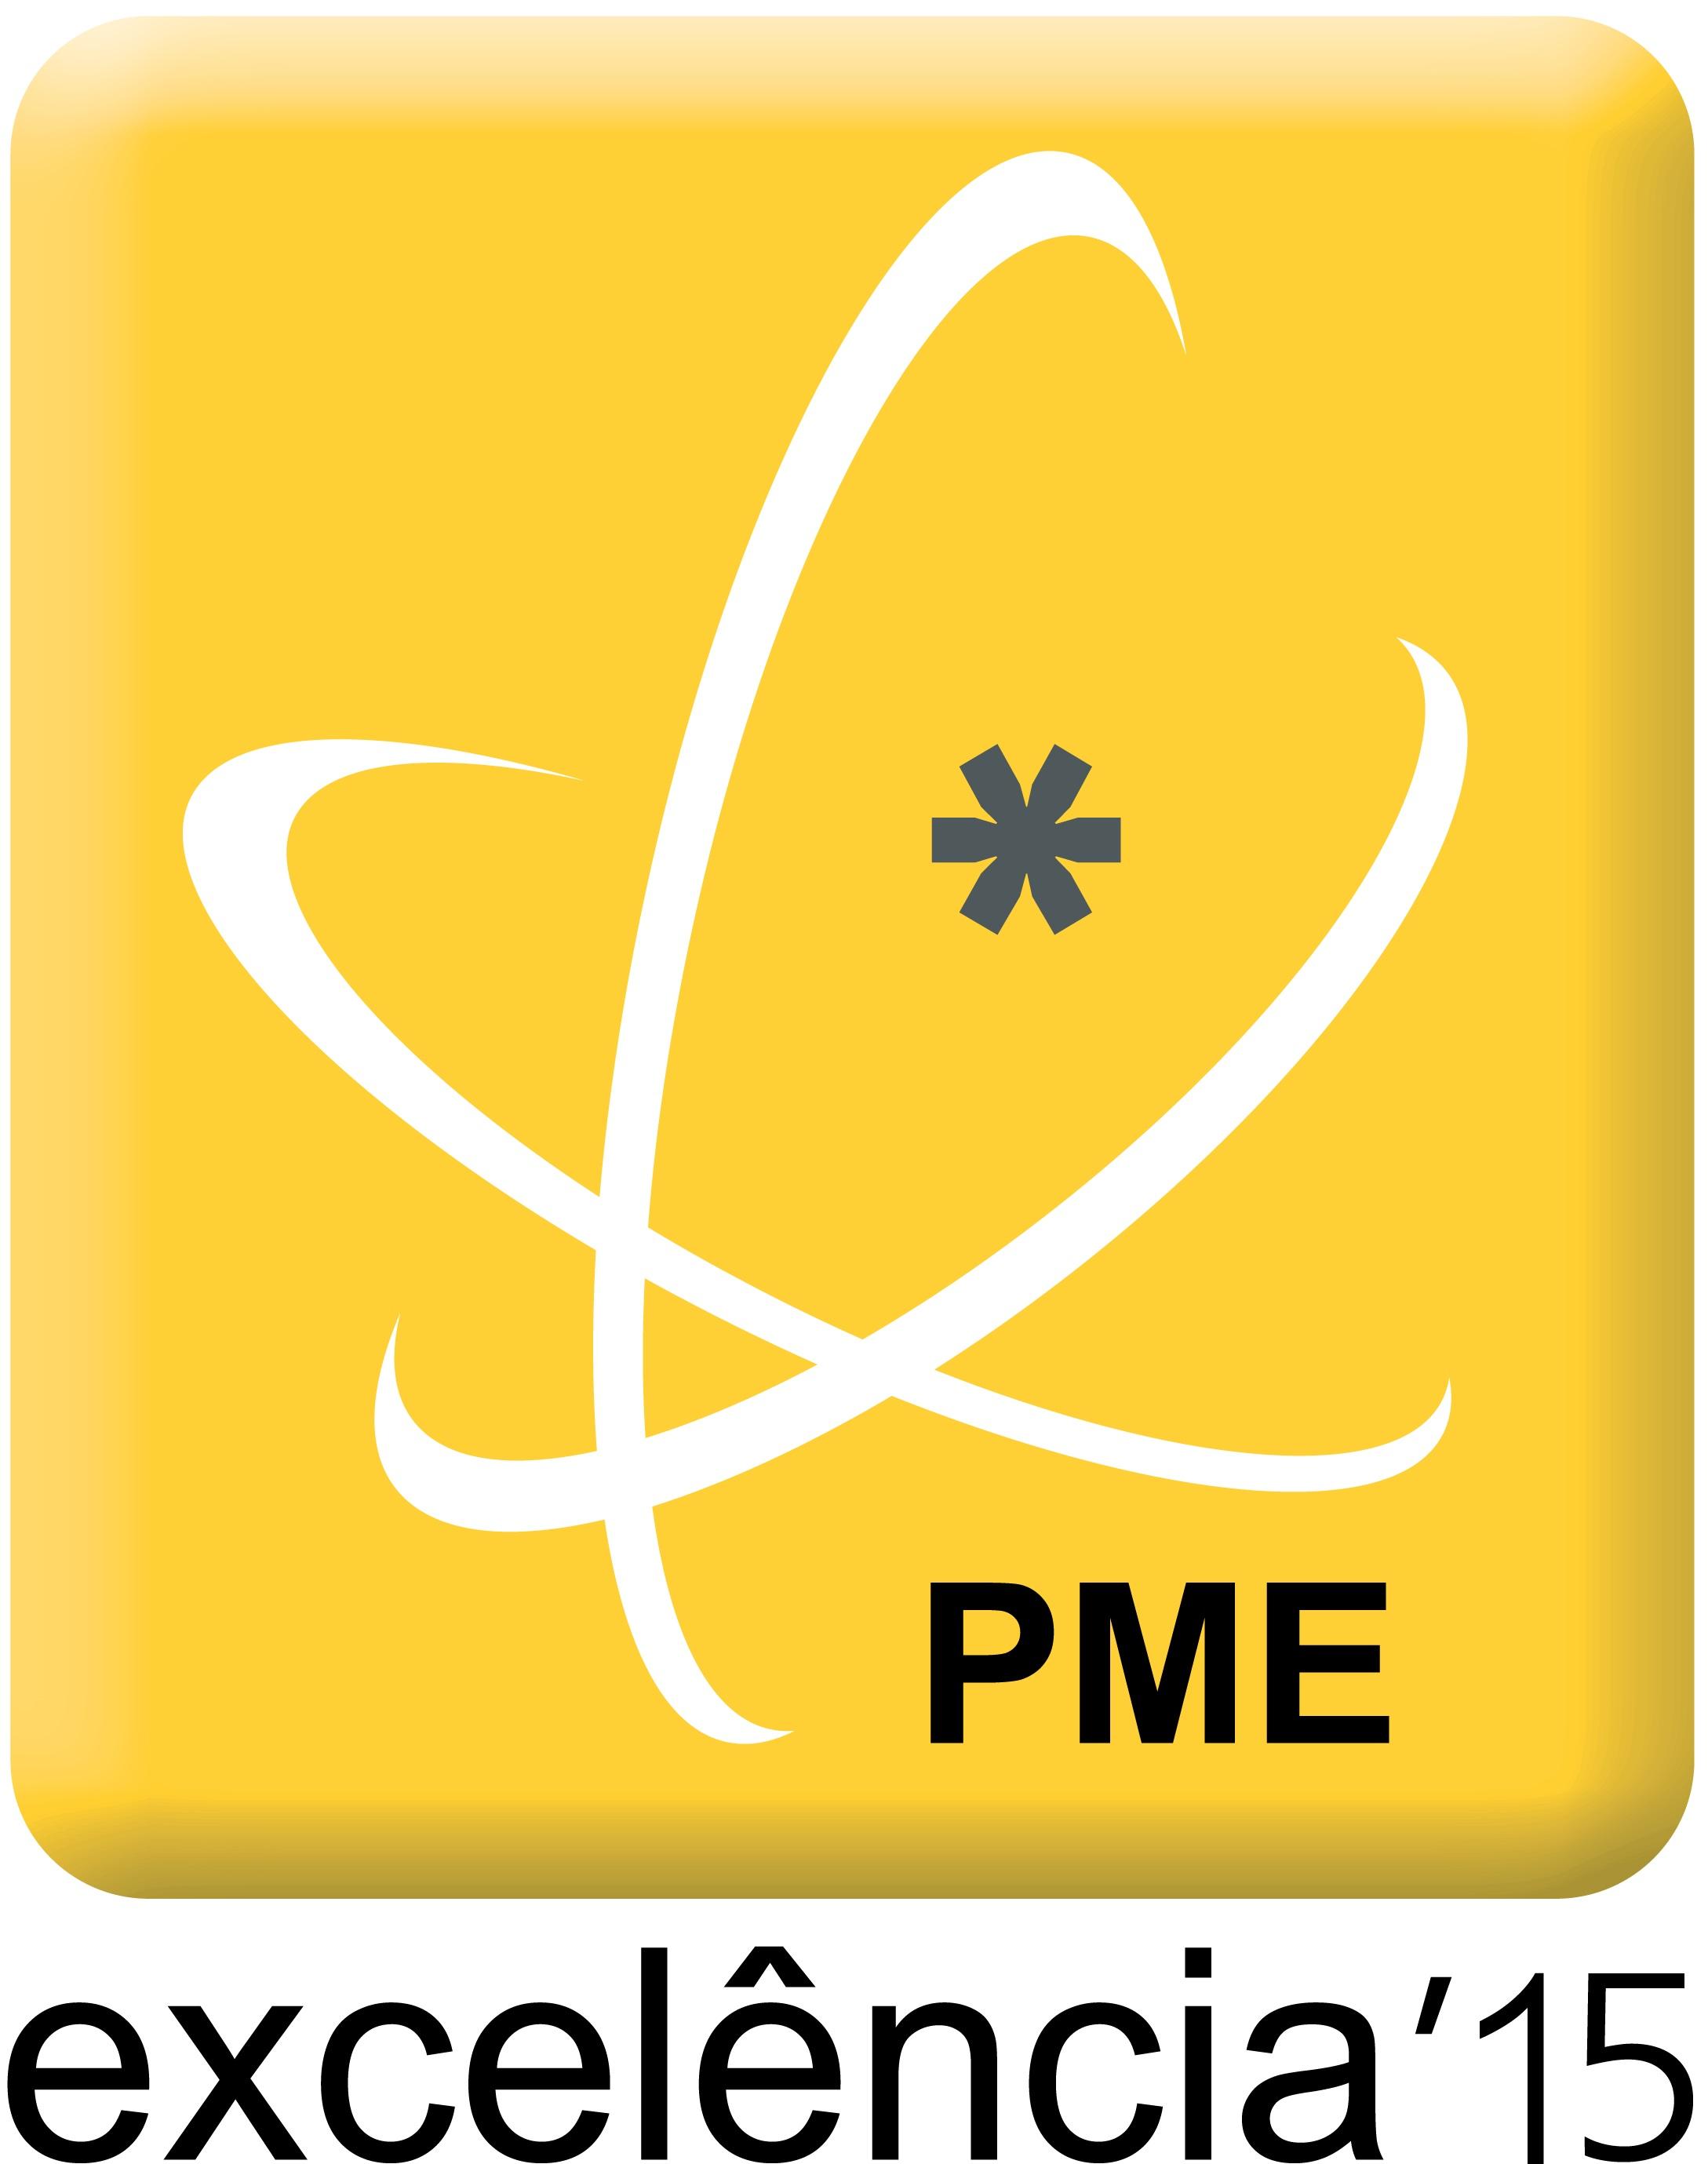 logo_PME Excelencia_2015_cores